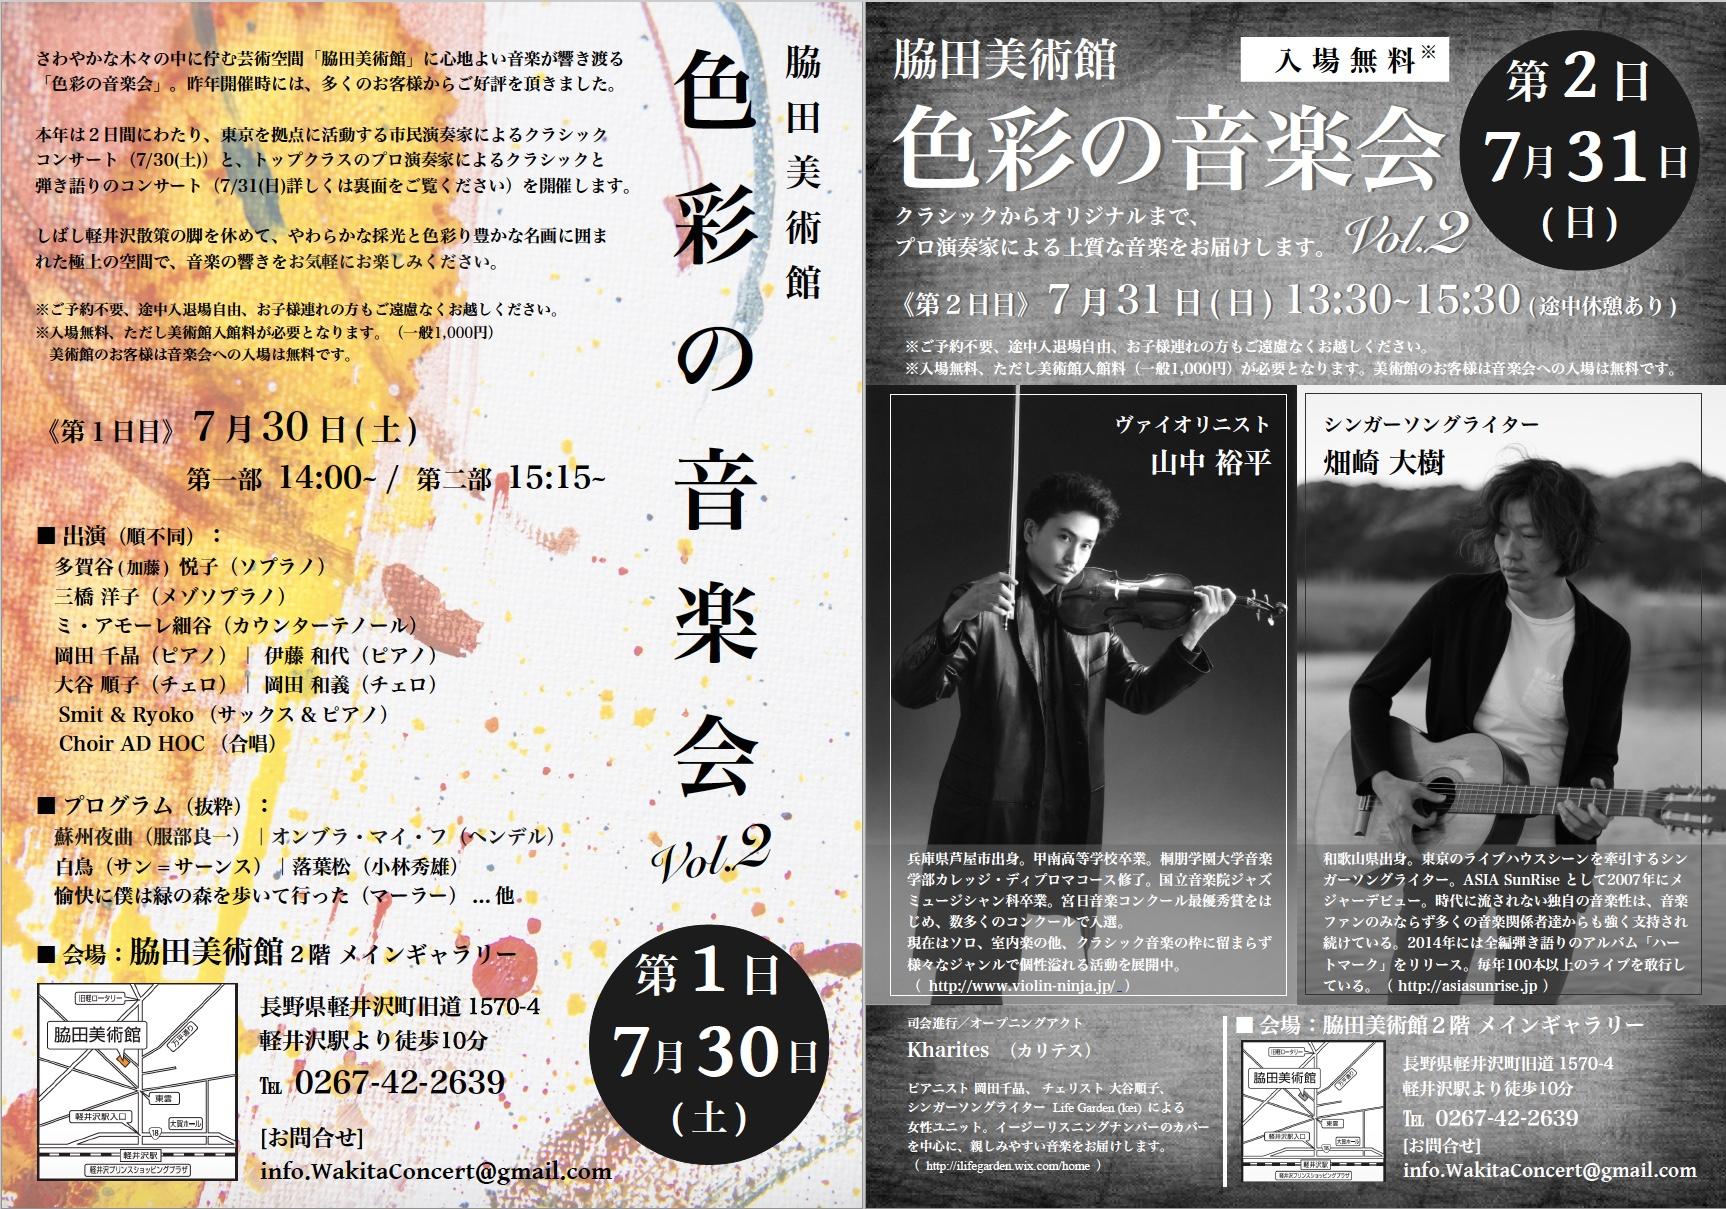 脇田美術館 ~色彩の音楽会~